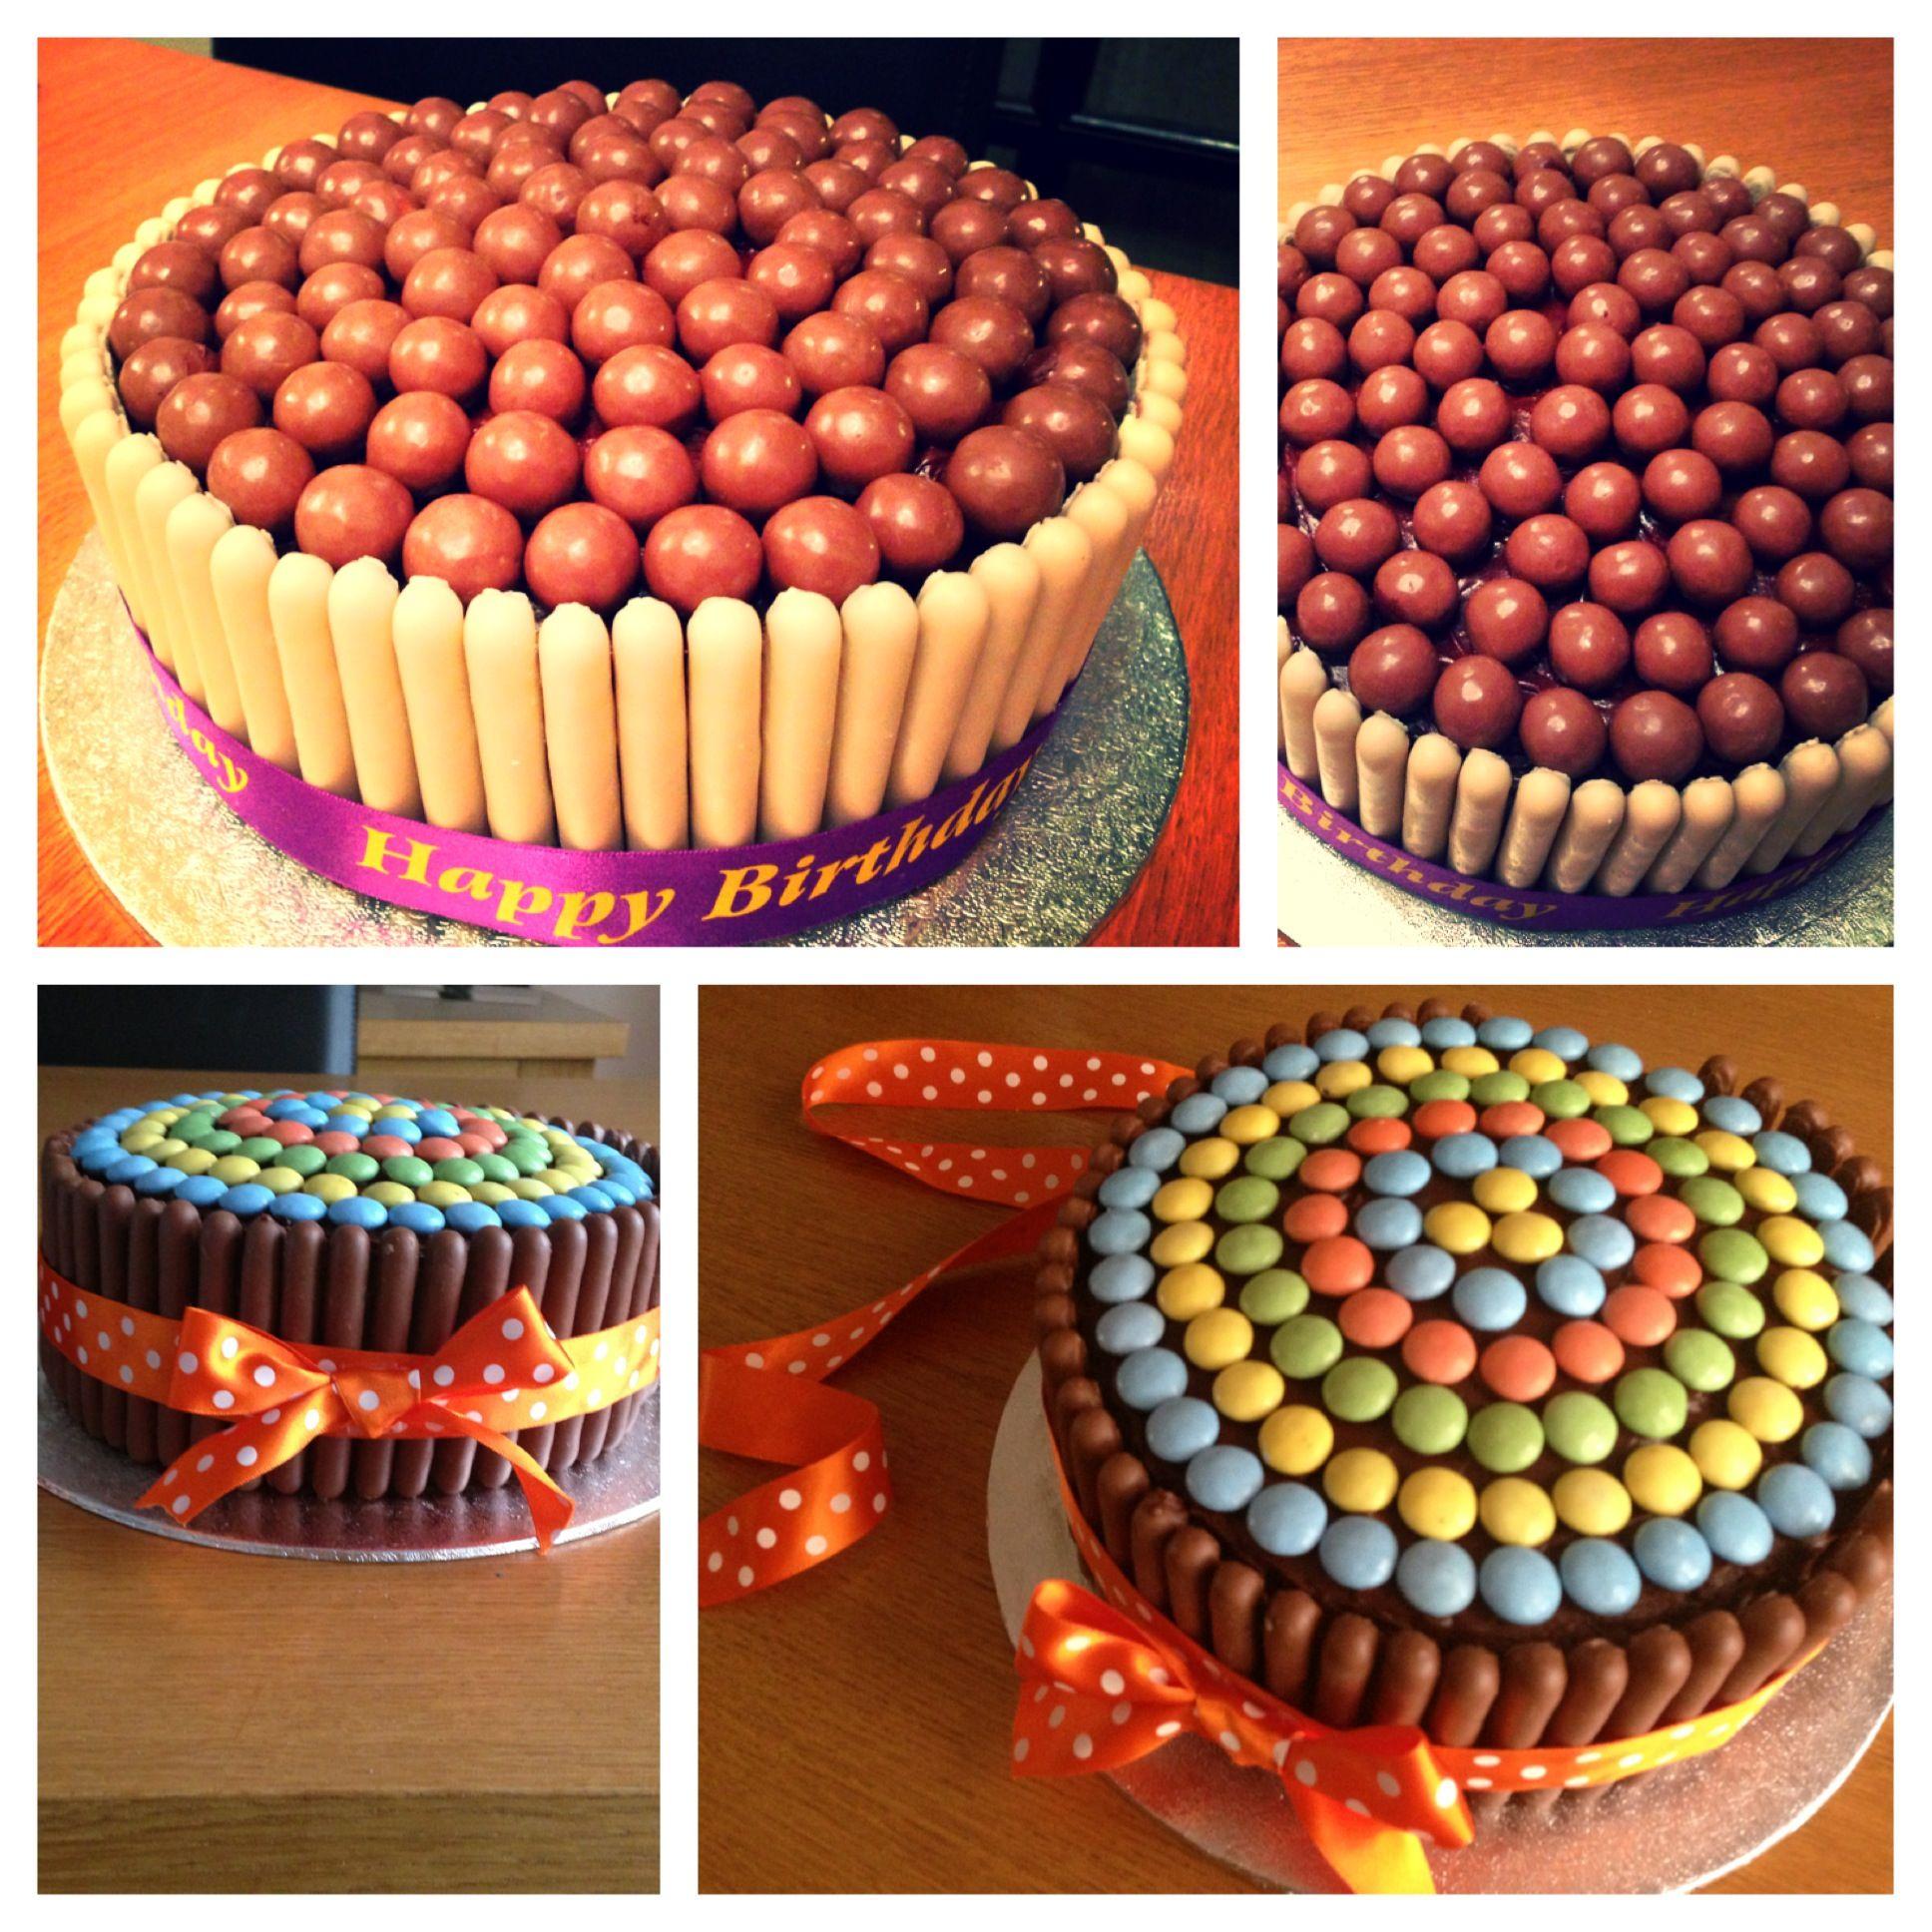 Chocolate Finger Cake Images : Chocolate finger cake Cake Cake Cake Pinterest